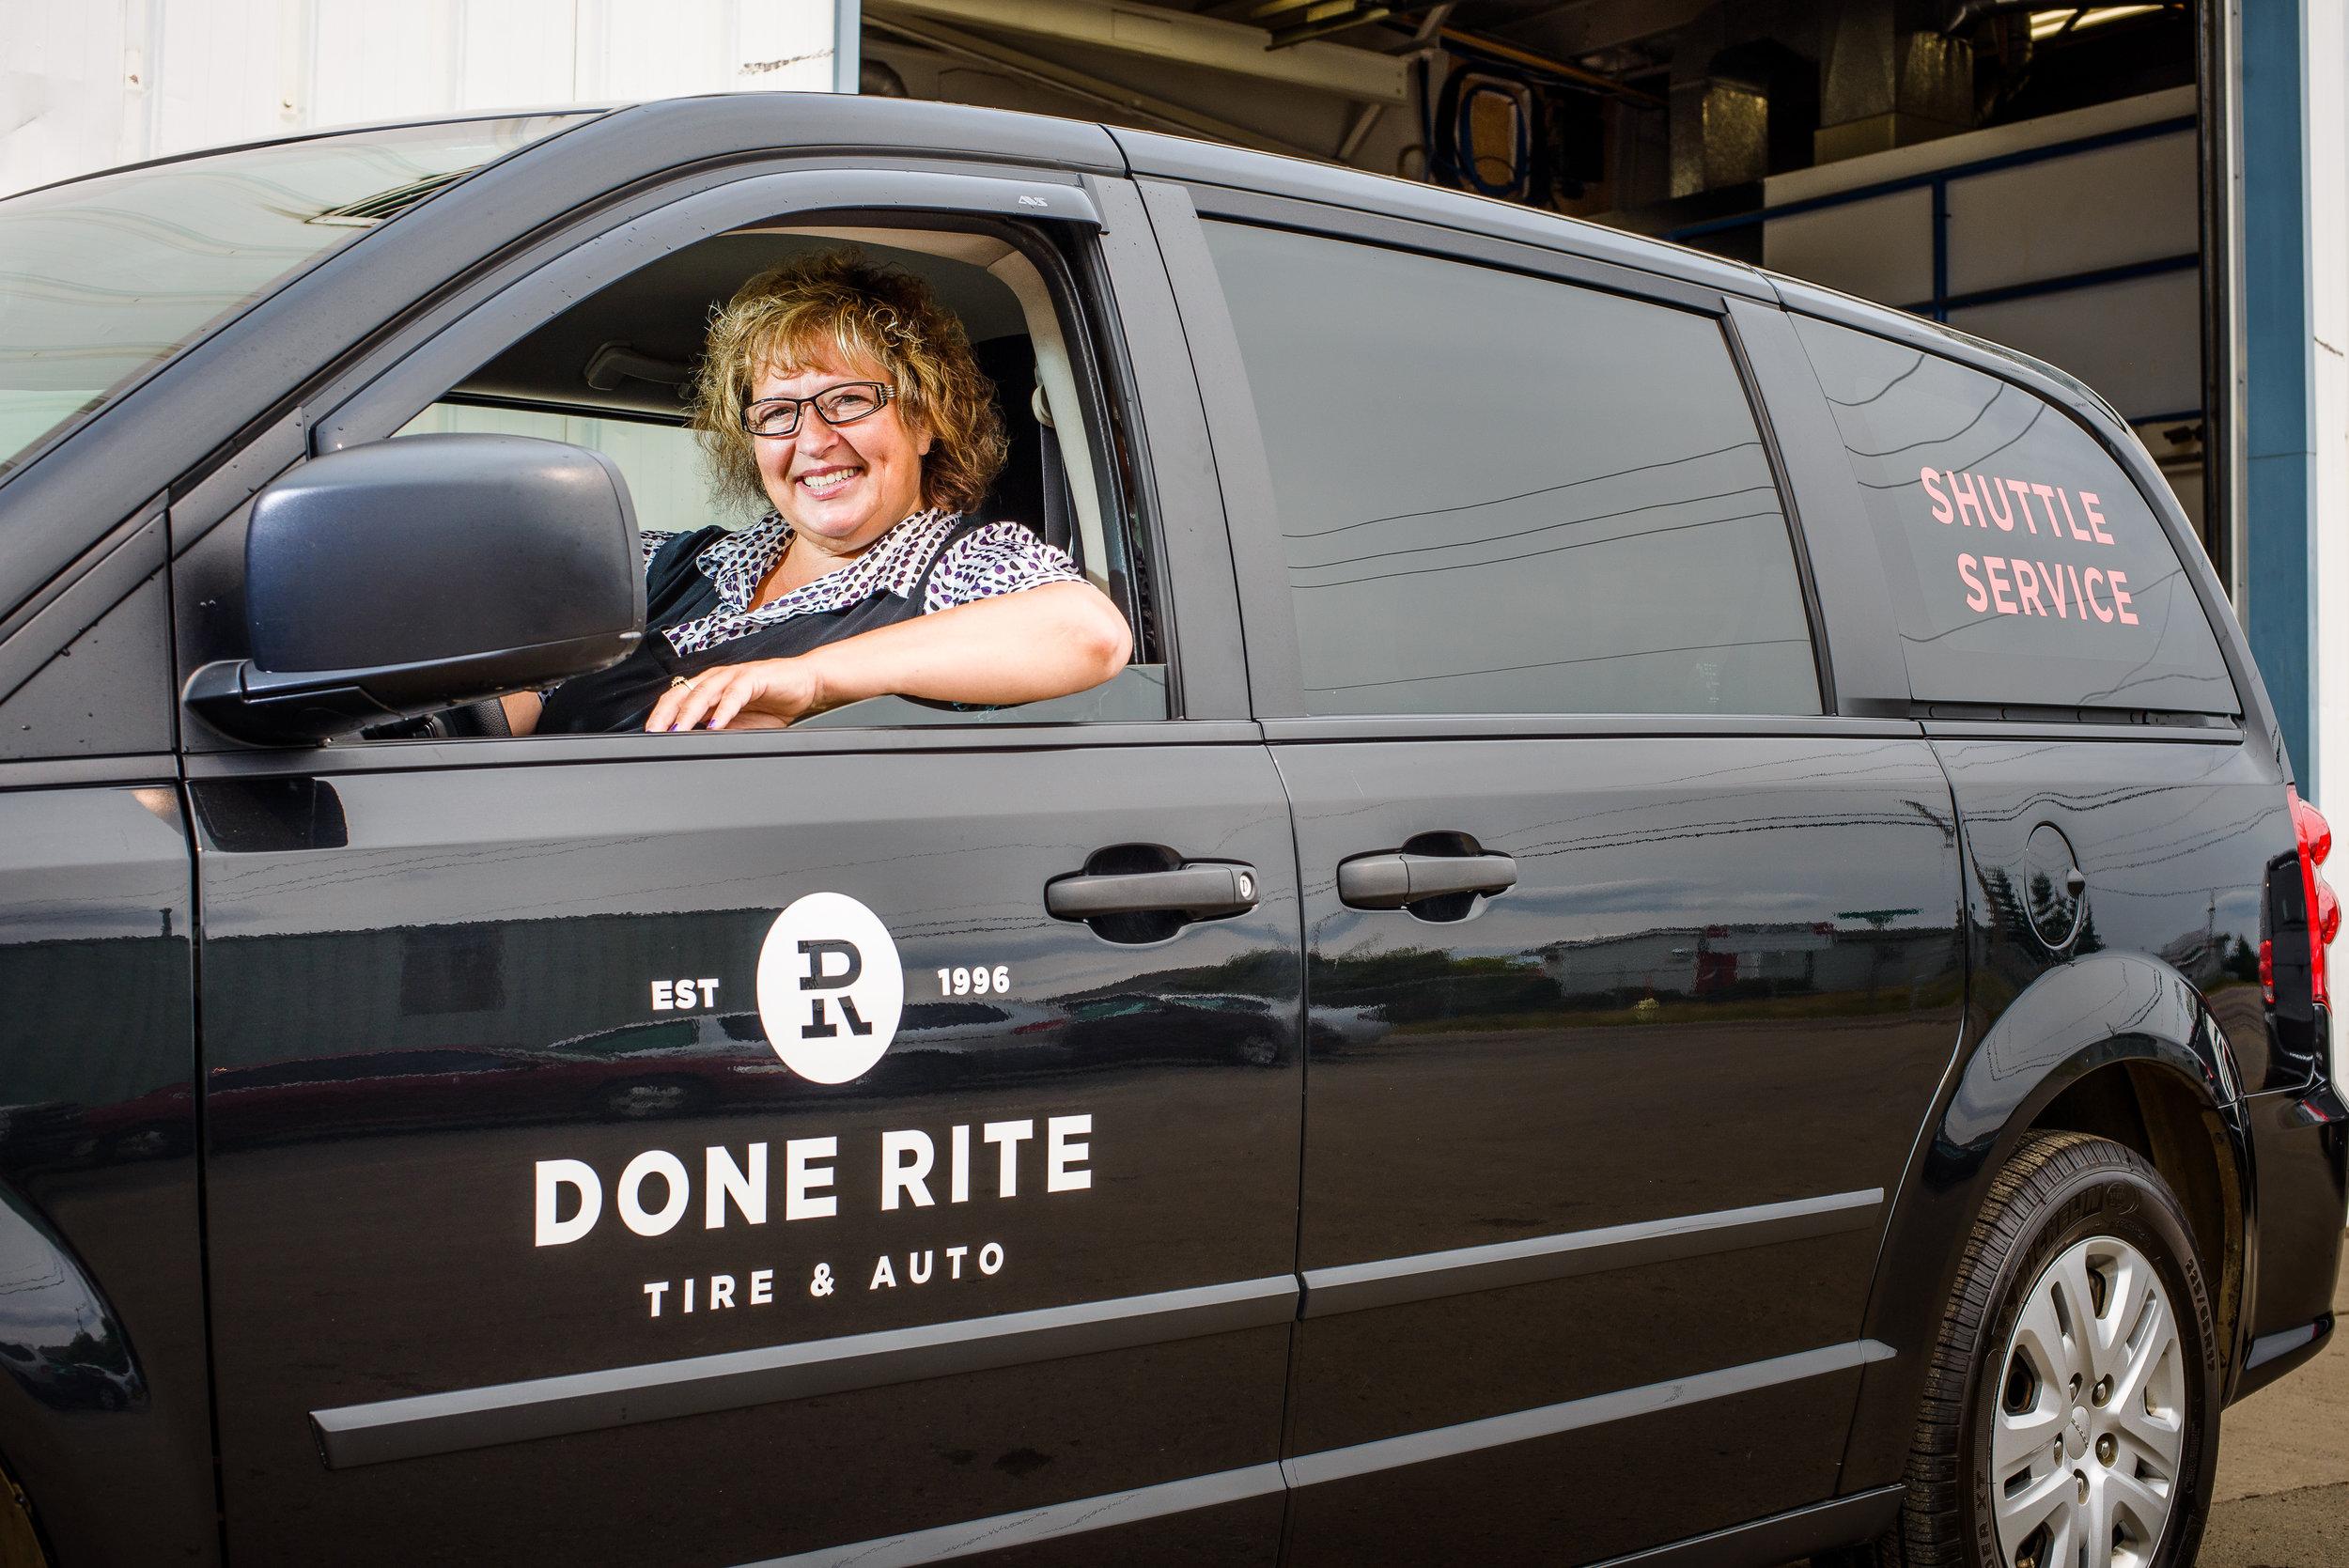 Shuttle Service, Done-Rite Tire & Auto